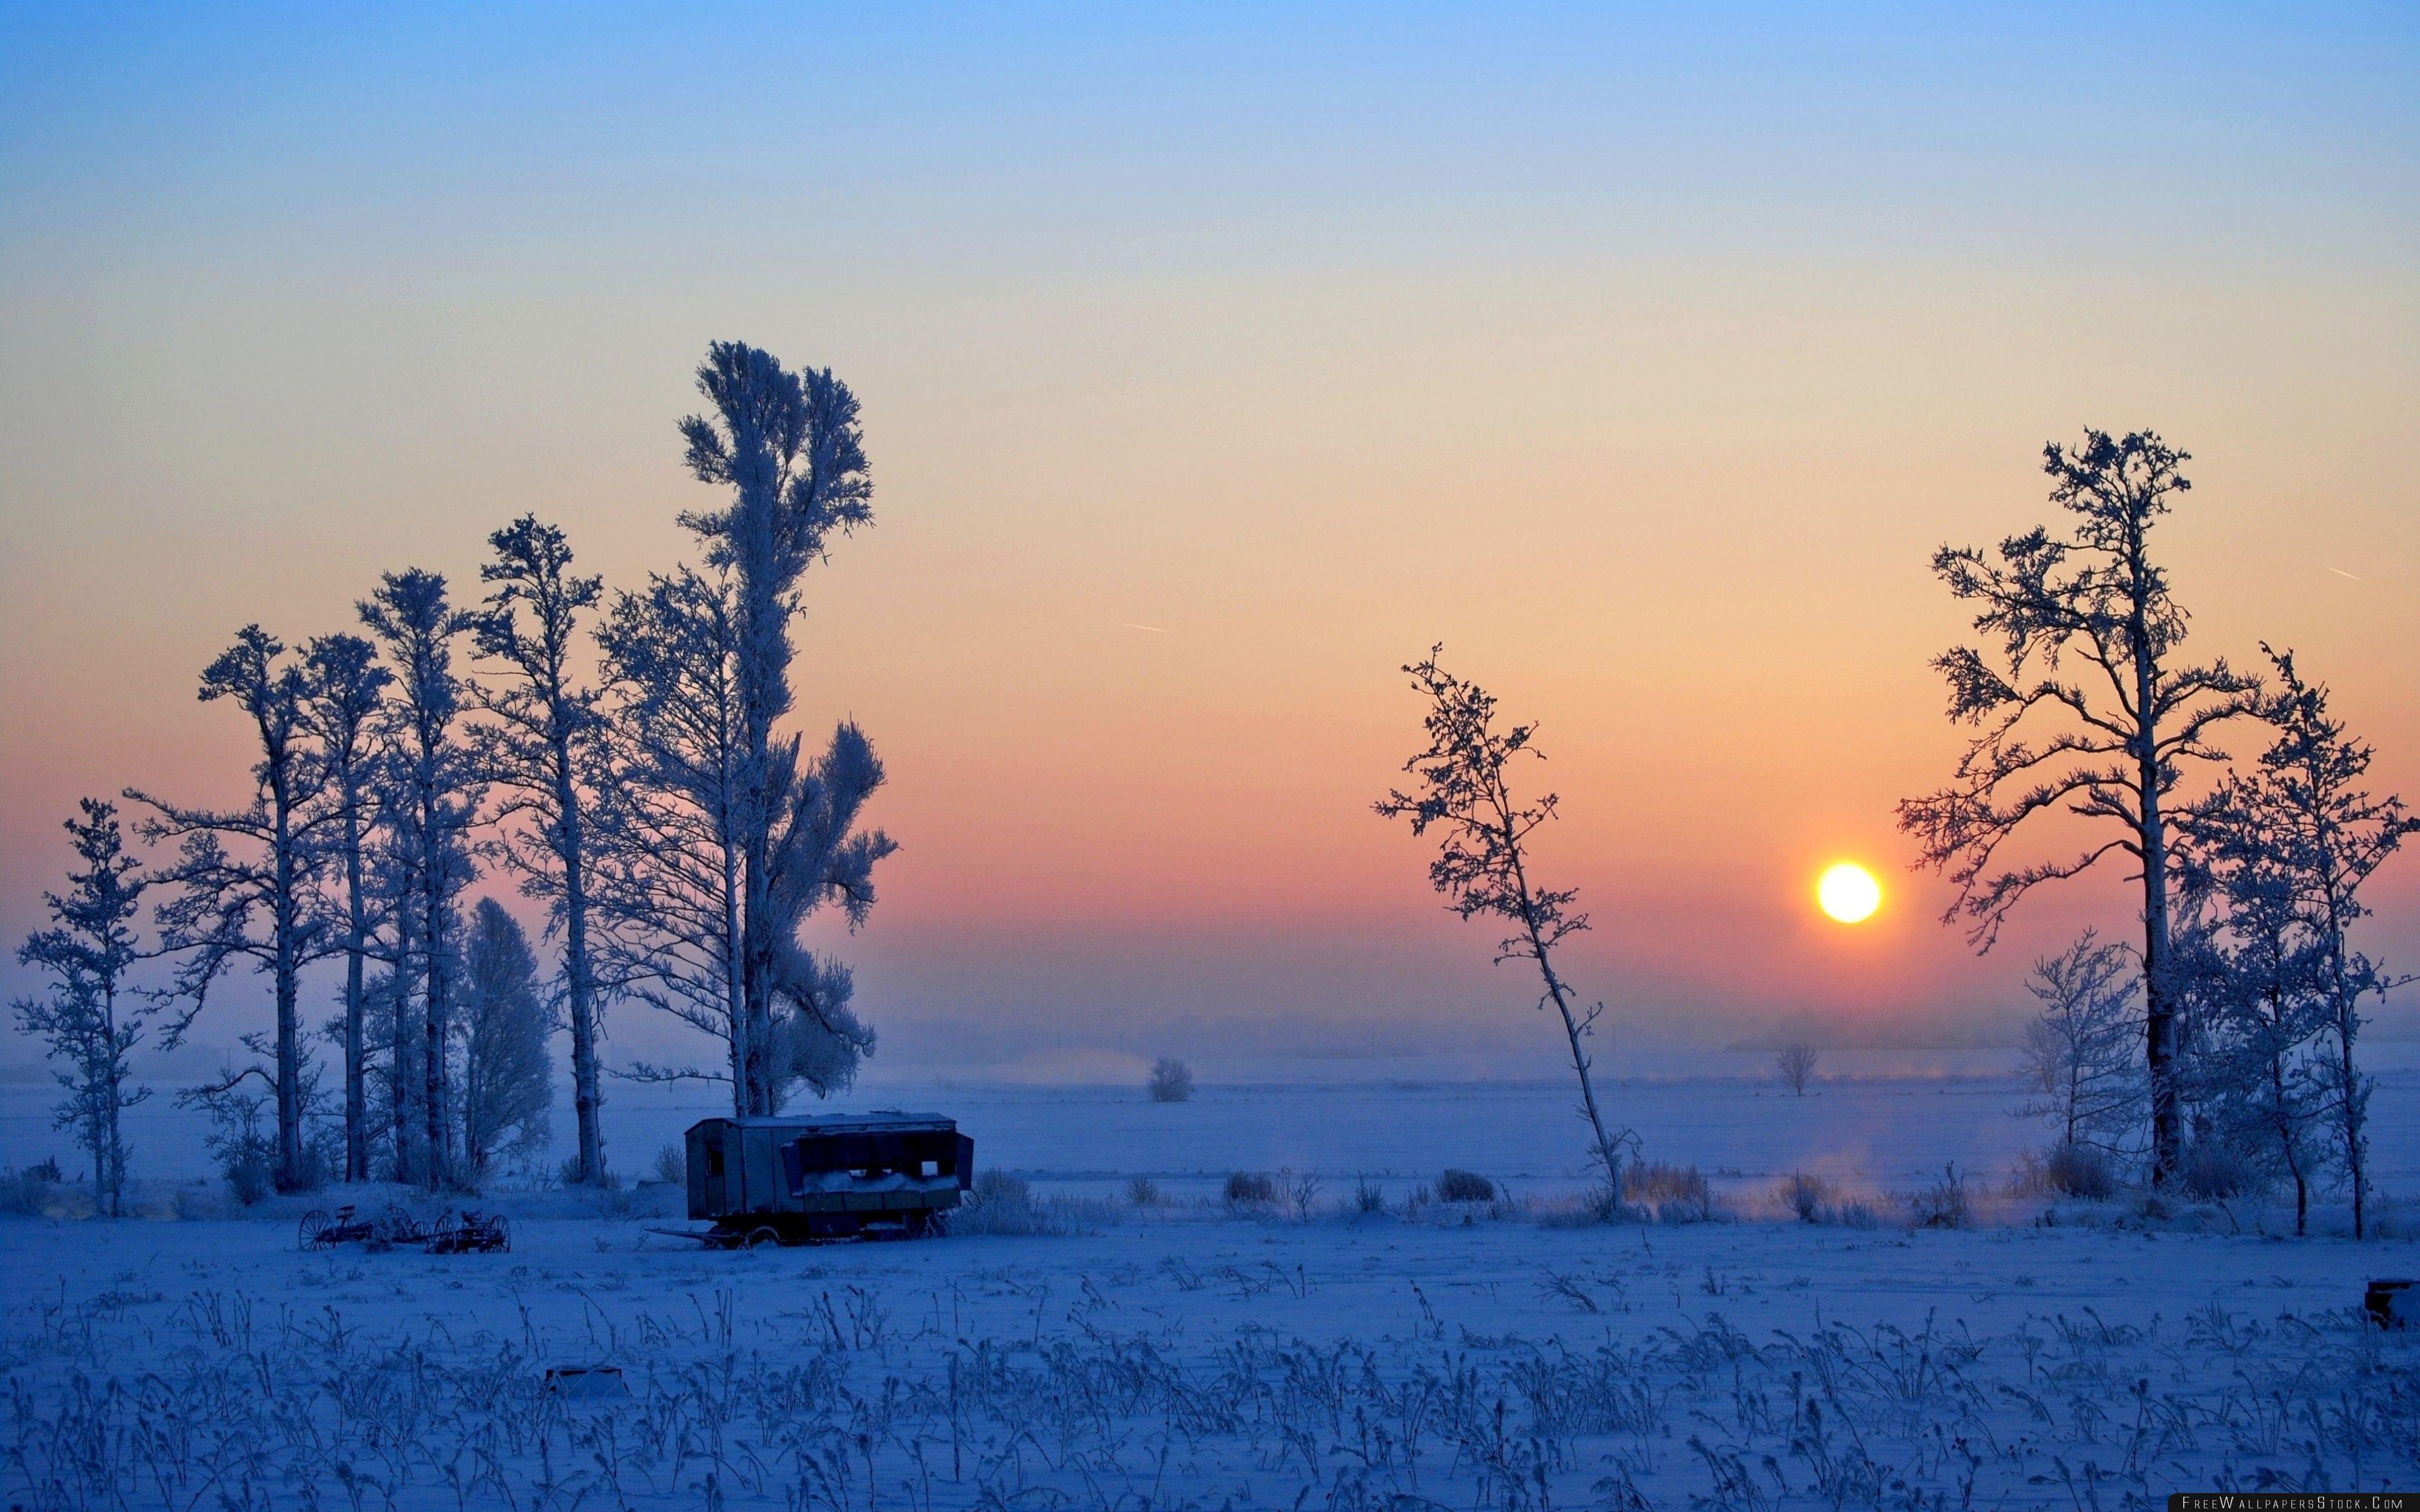 Download Free Wallpaper Wonderful Winter Morning